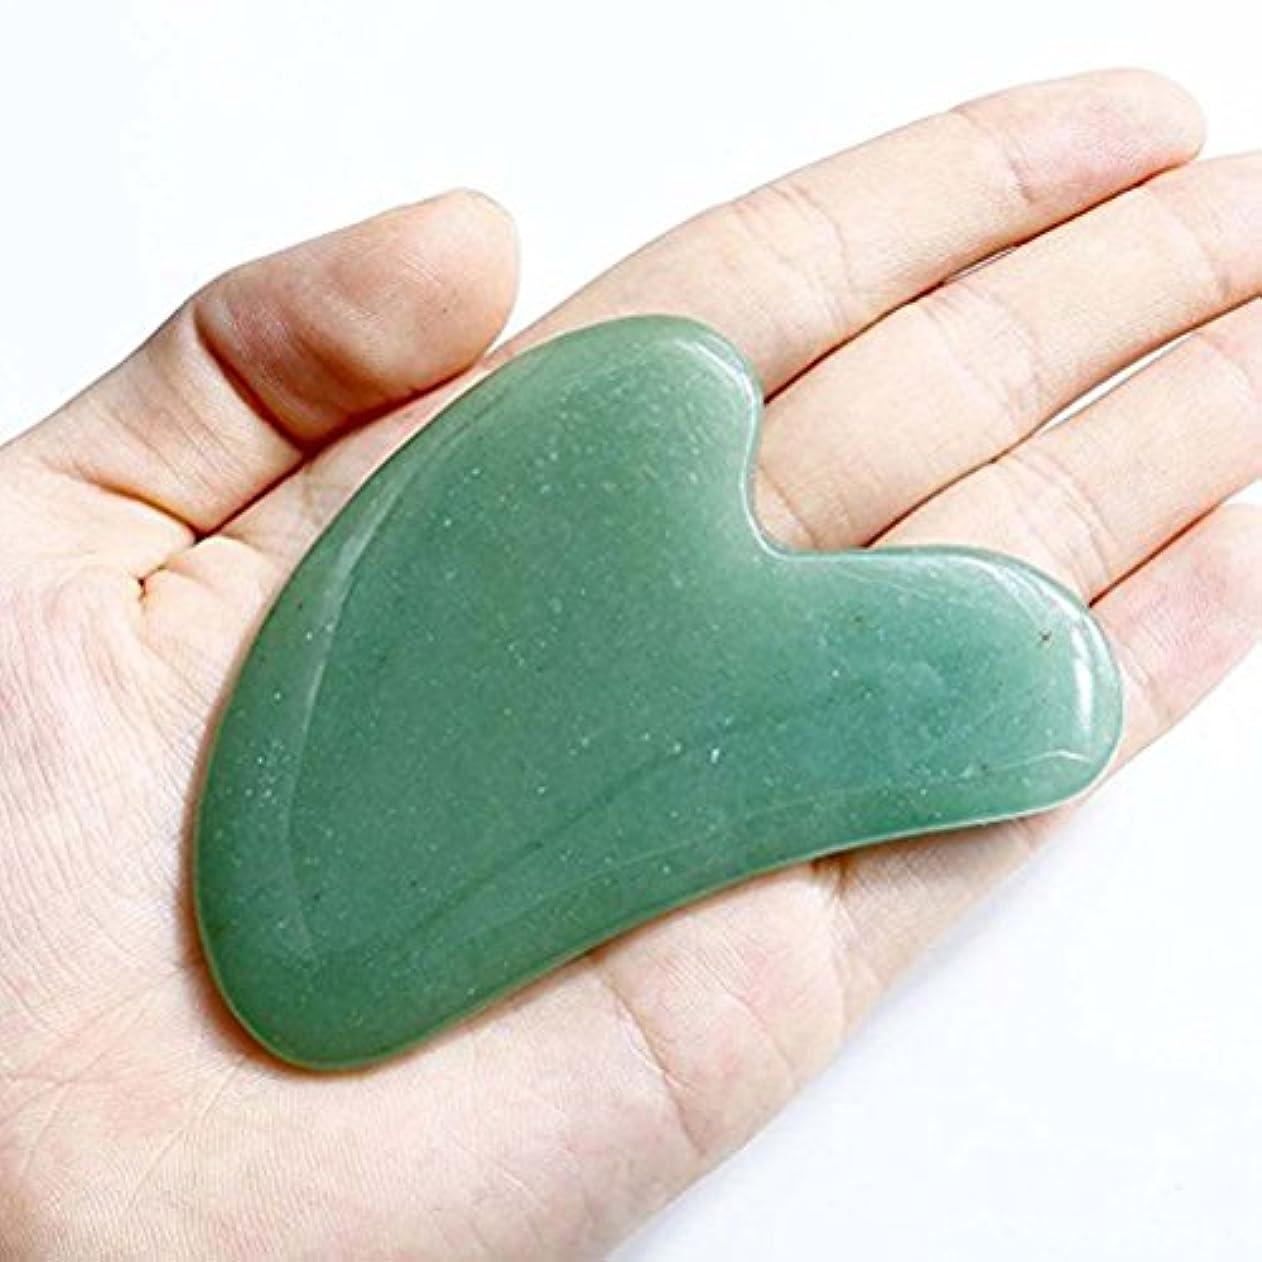 寄生虫祈りレギュラーEcho & Kern Face / Body Massage Green Aventurine heart shape ハート形状かっさプレート 天然石 翡翠色(顔?ボディのリンパマッサージ) (かっさプレートH)